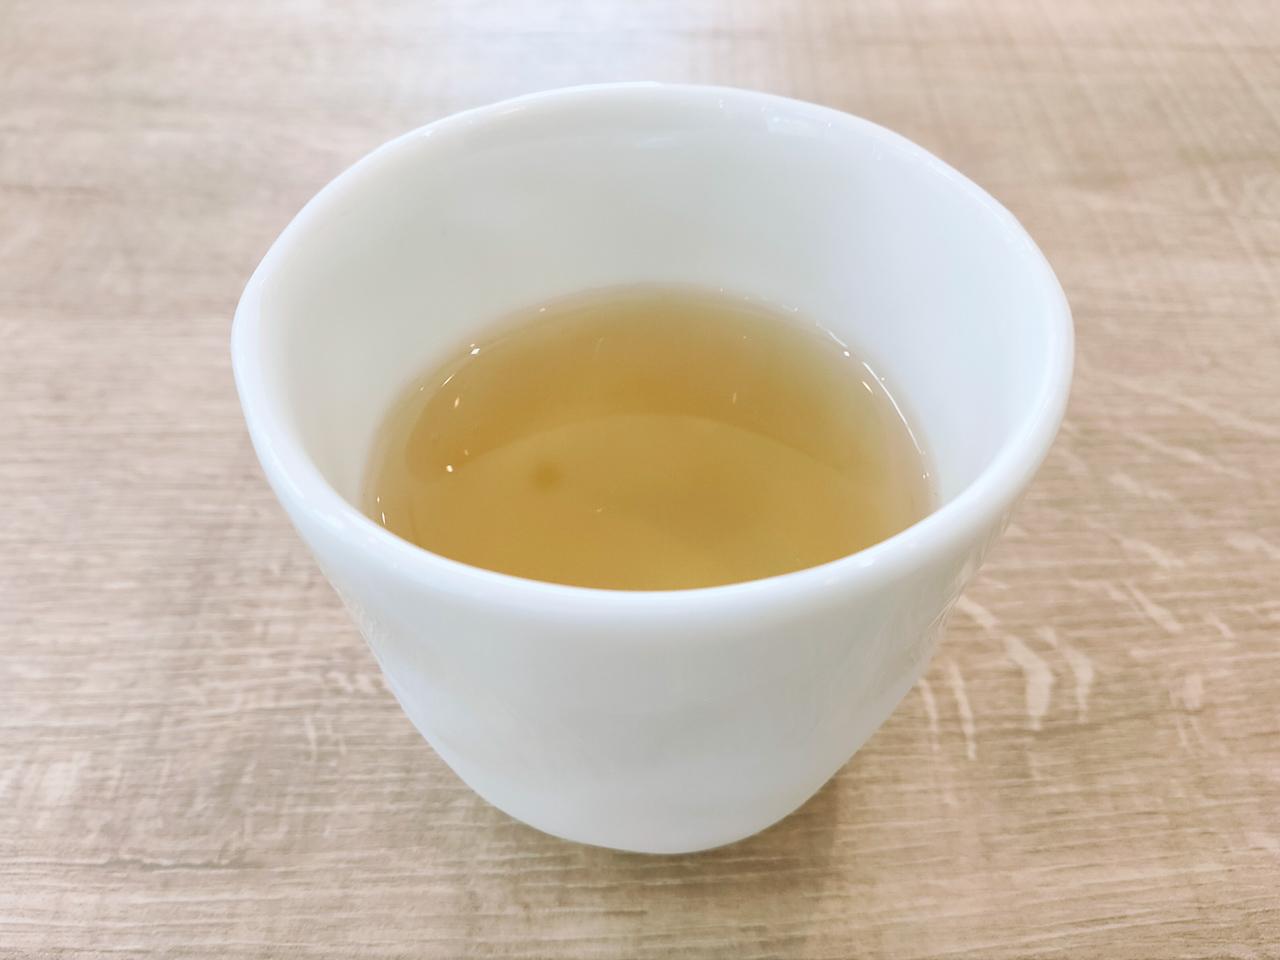 冷たいそば茶が食欲を高めてくれます